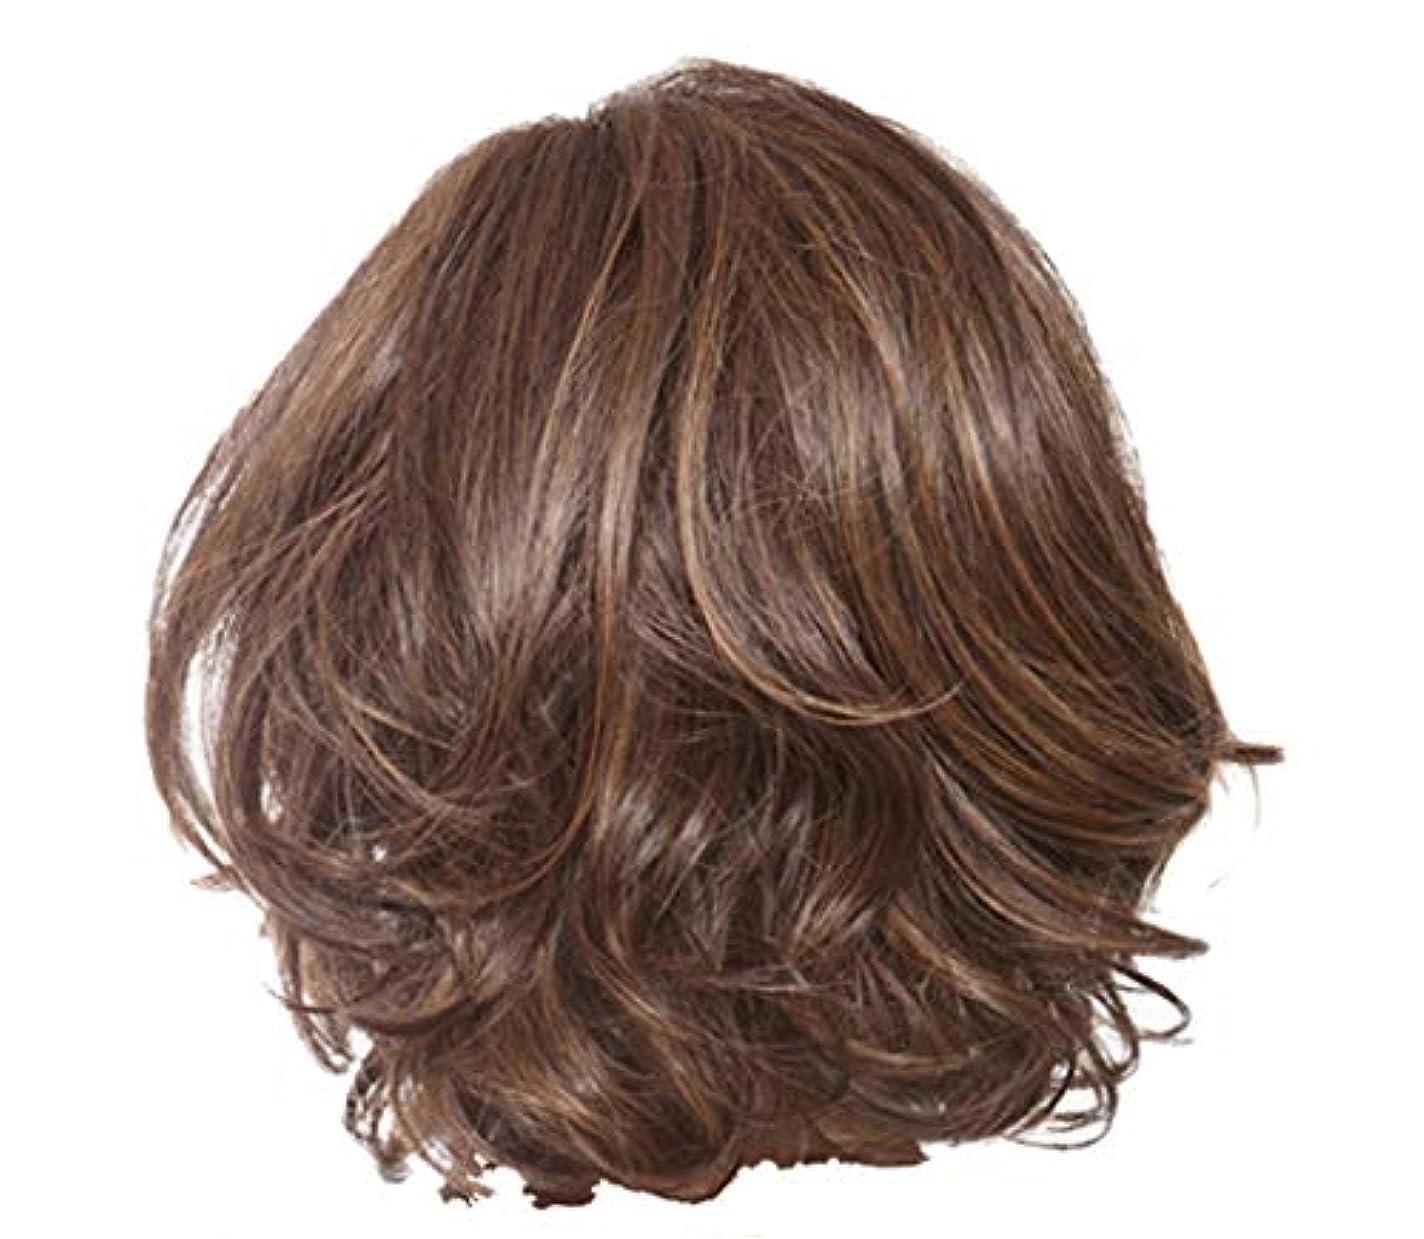 アクセス累計ガイダンスウィッグ女性のセクシーな短い巻き毛のかつらクールなハンサムなかつら36 cm